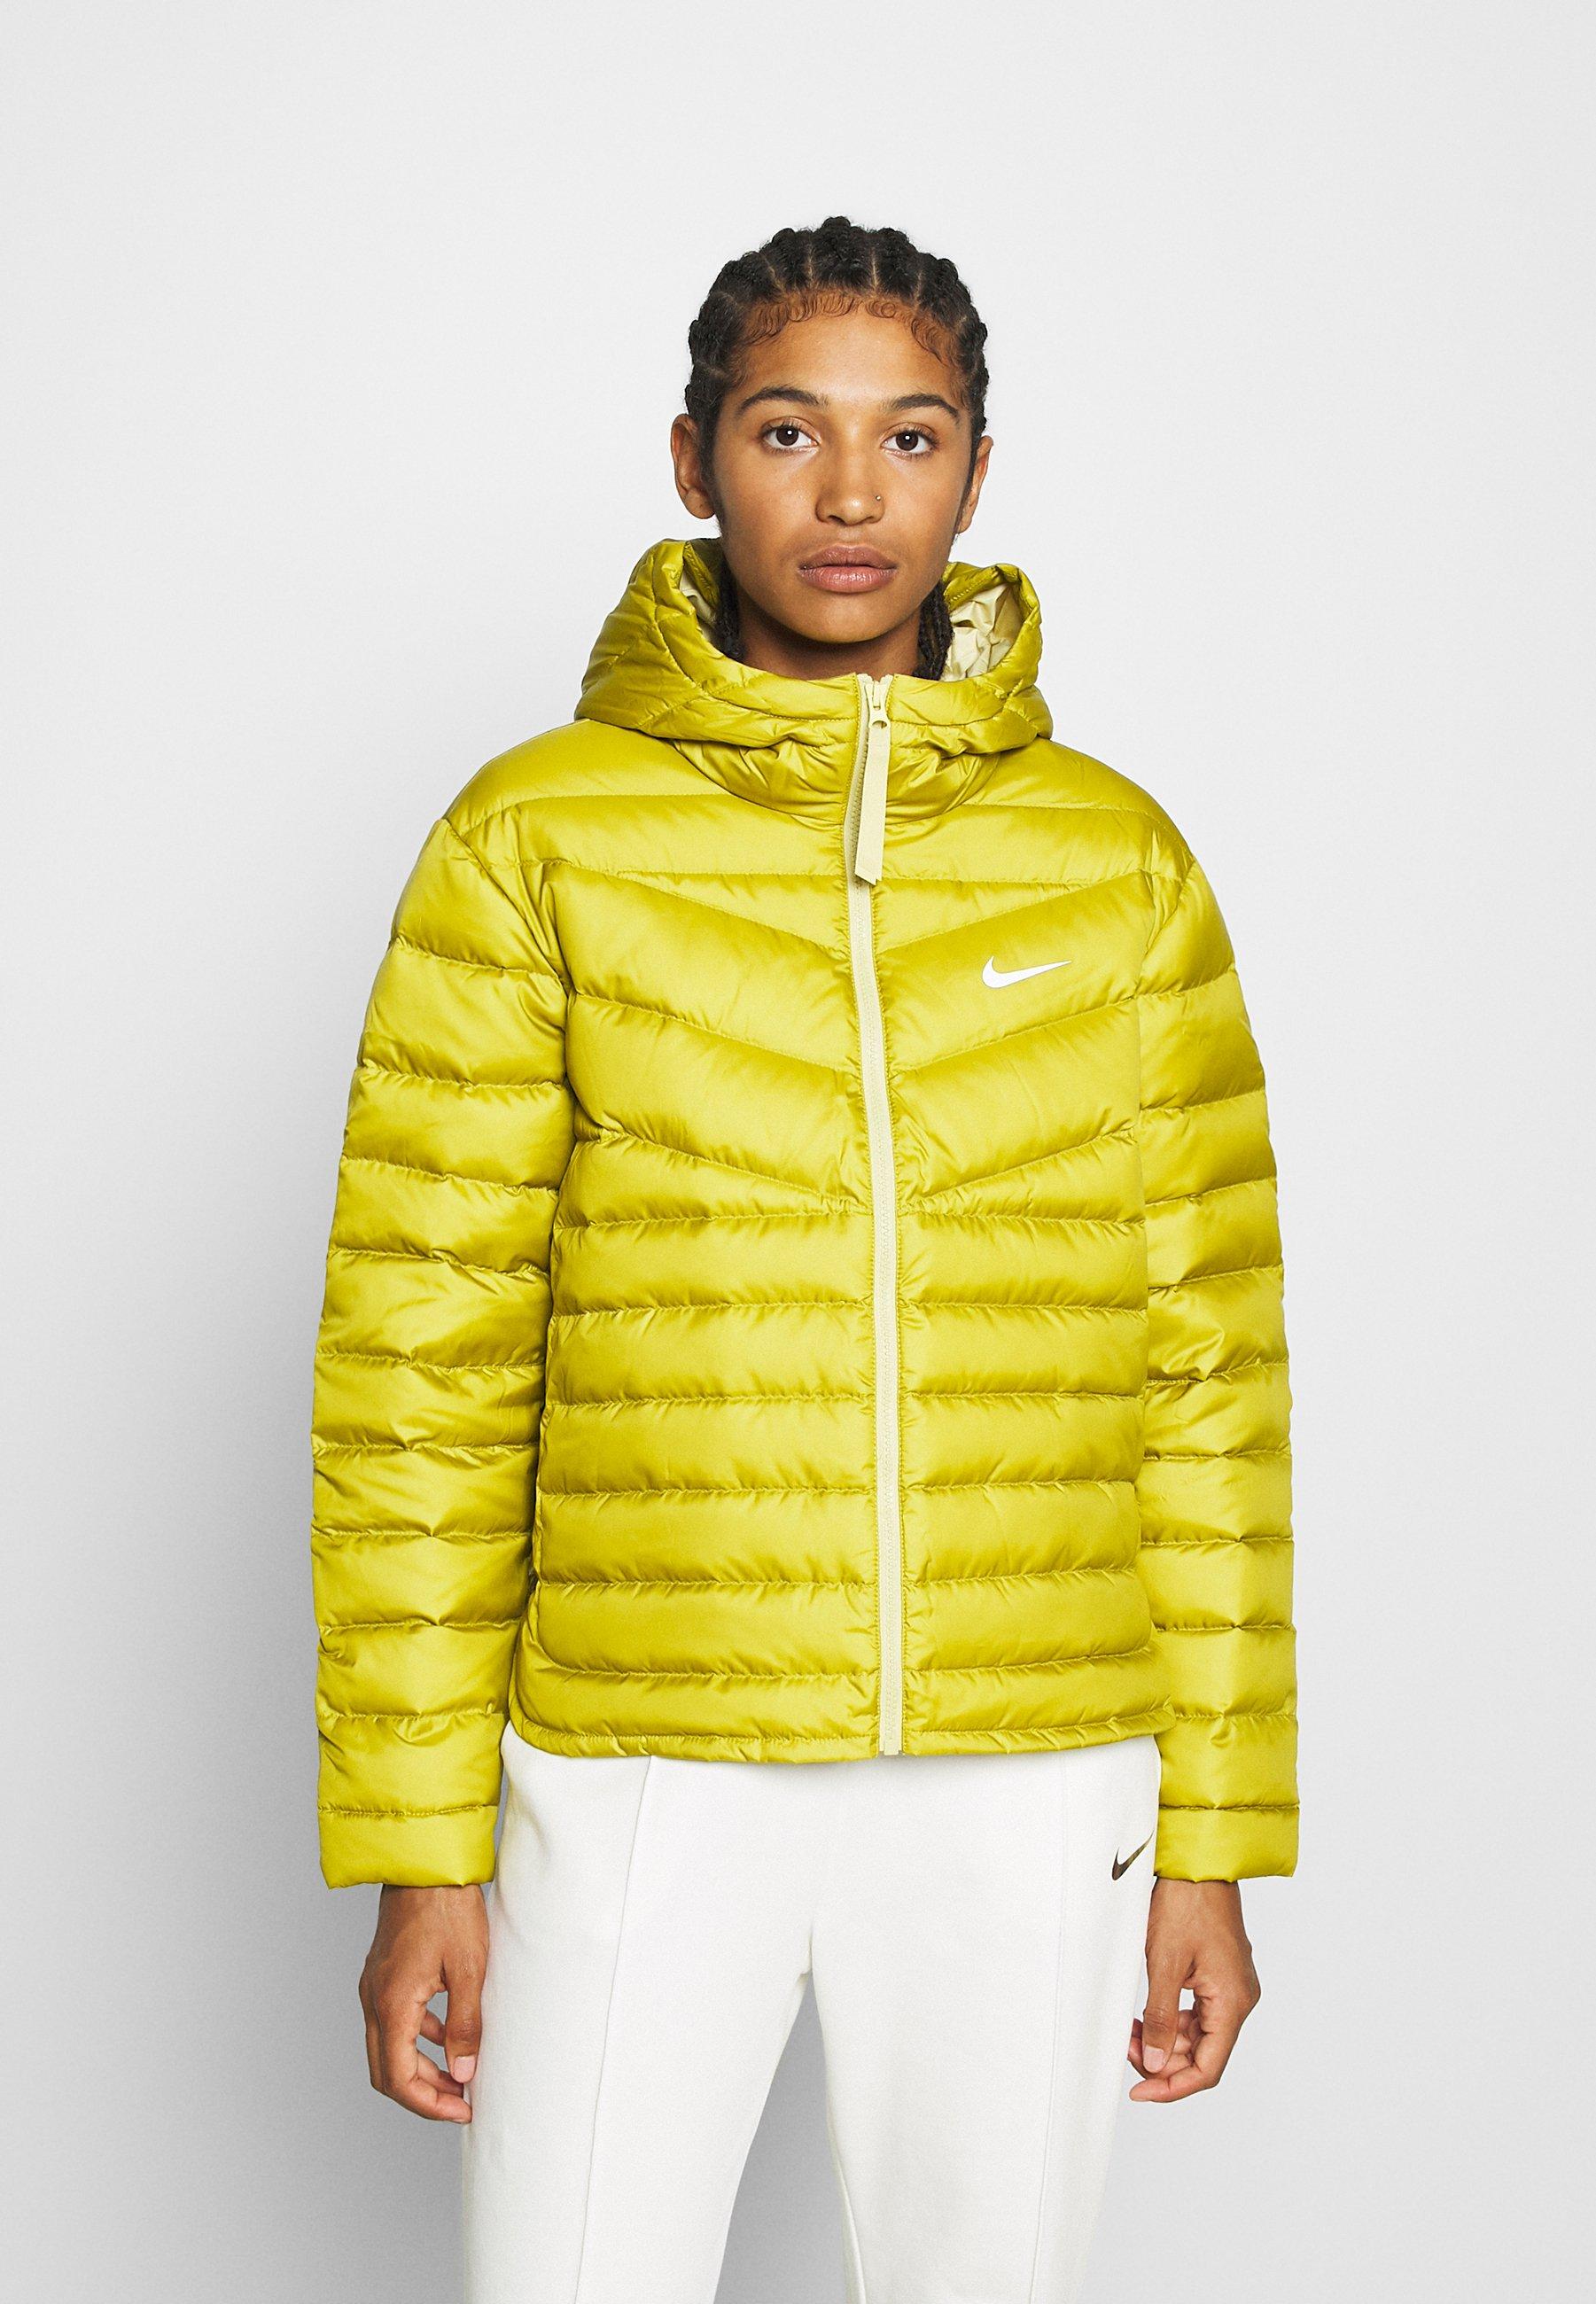 Nike Sportswear Doudoune - tent/tea tree mist - Manteaux Femme y1TlX